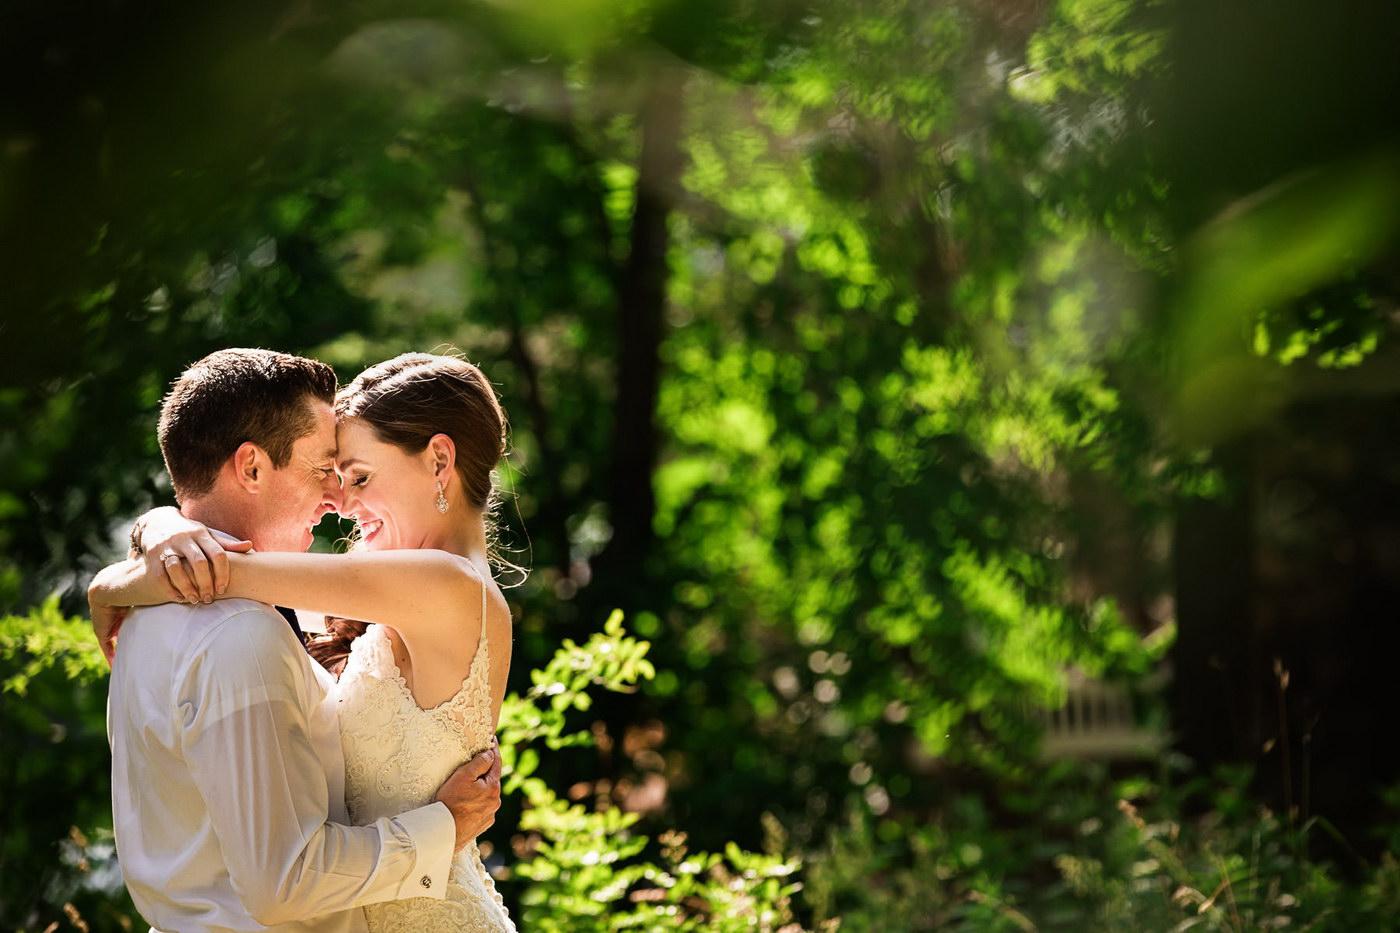 Muzica potrivita pentru ziua nuntii